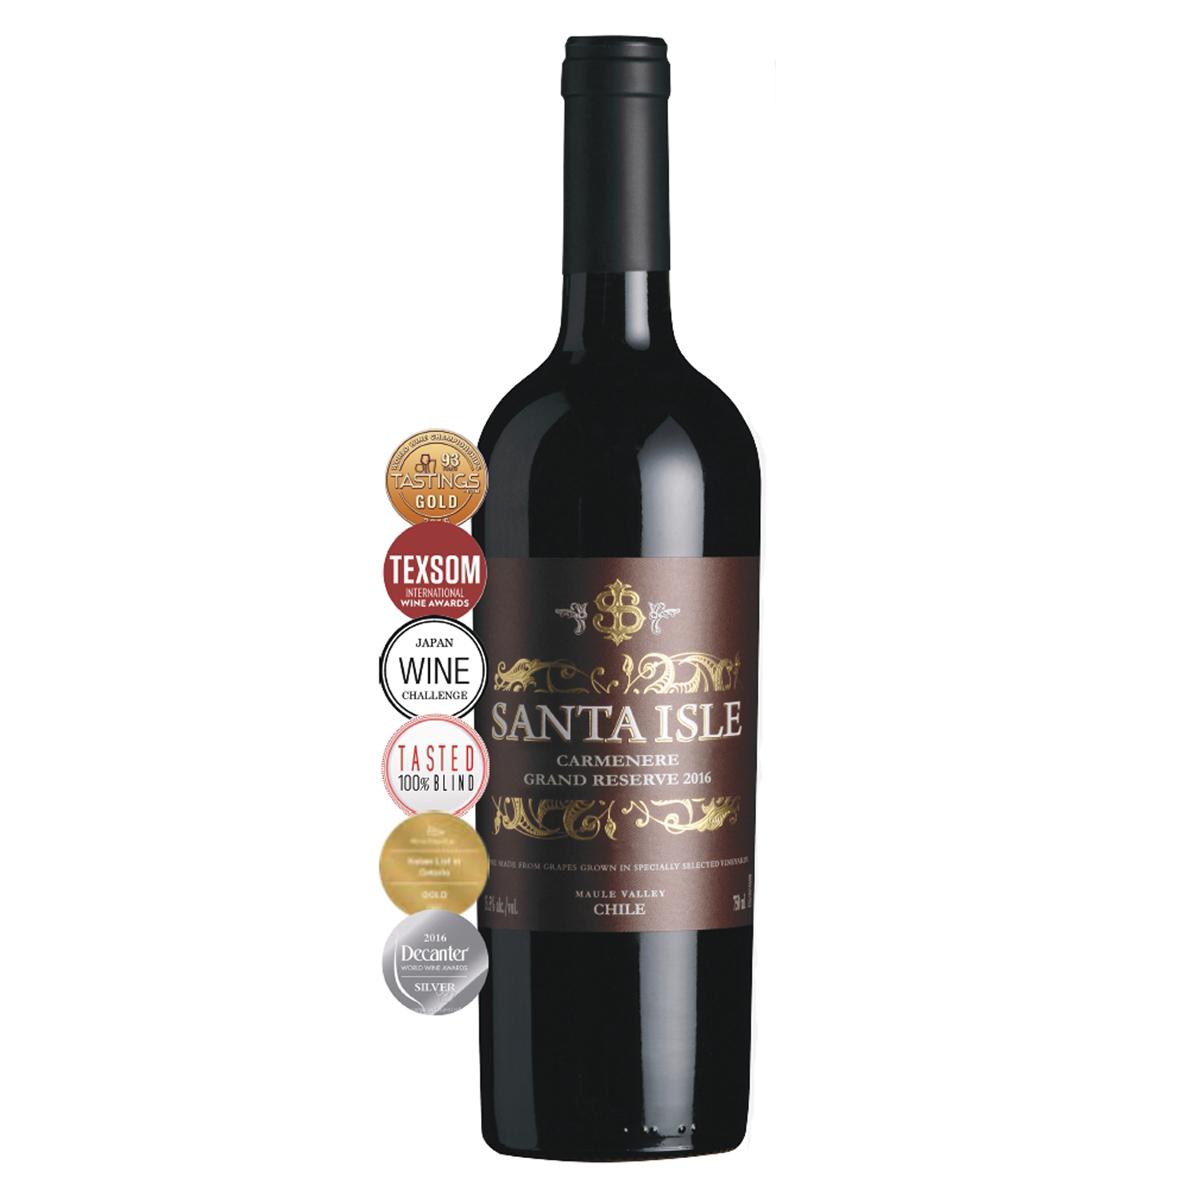 智利莫莱谷圣艾尔斯佳美娜特级珍藏级干红葡萄酒红酒